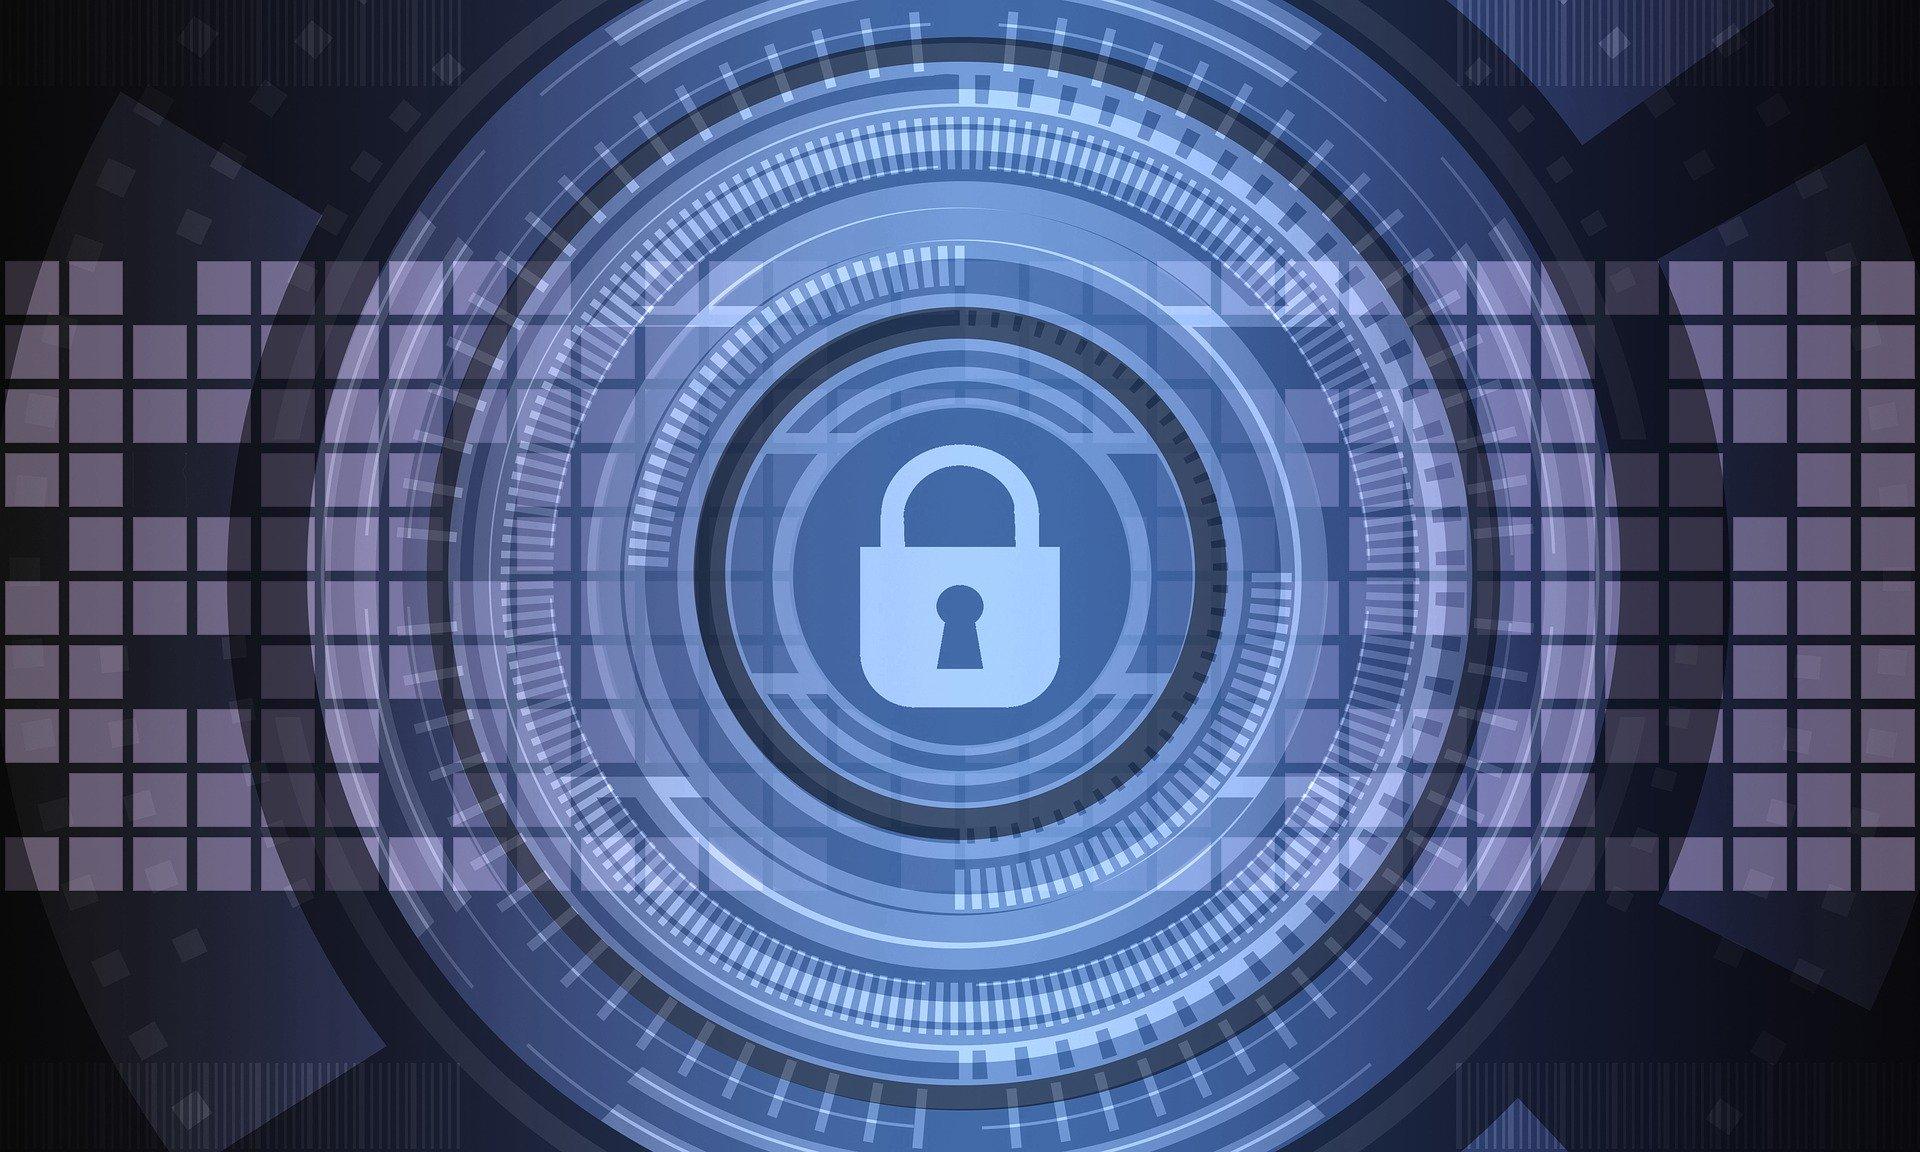 電子契約書のセキュリティ対策はどうする?書面契約との違いとは